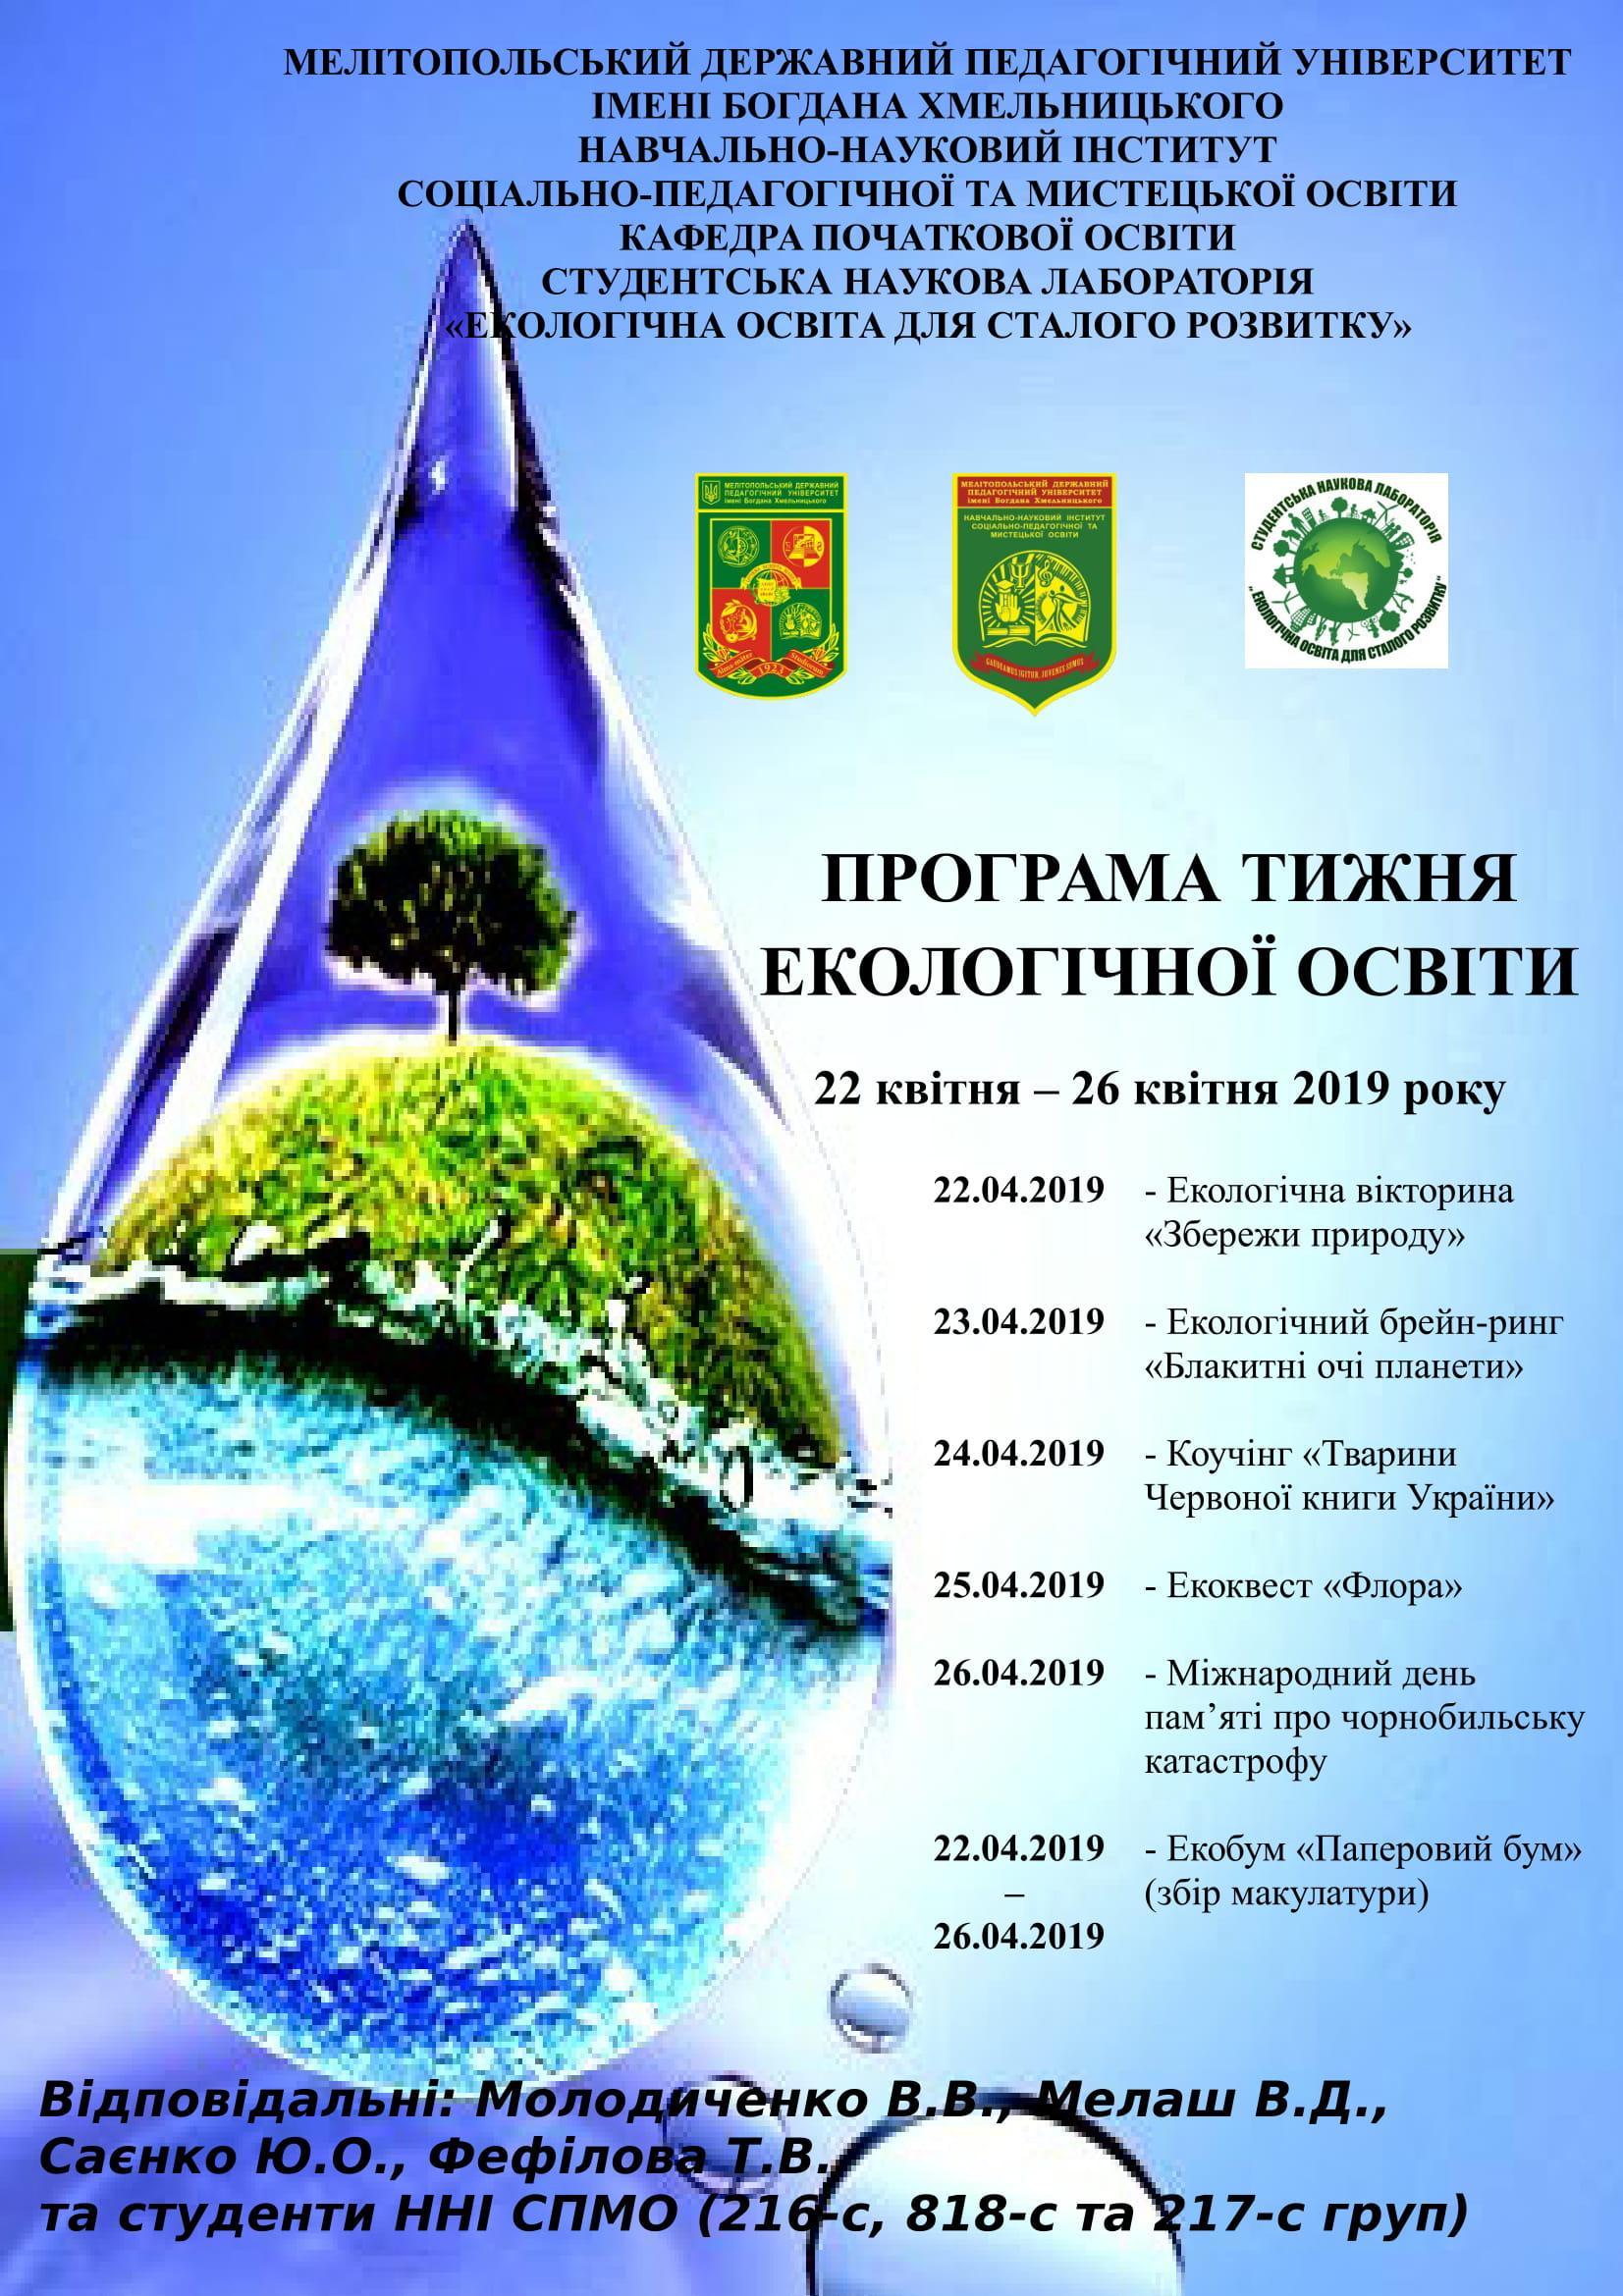 Програма тижня екологічної освіти